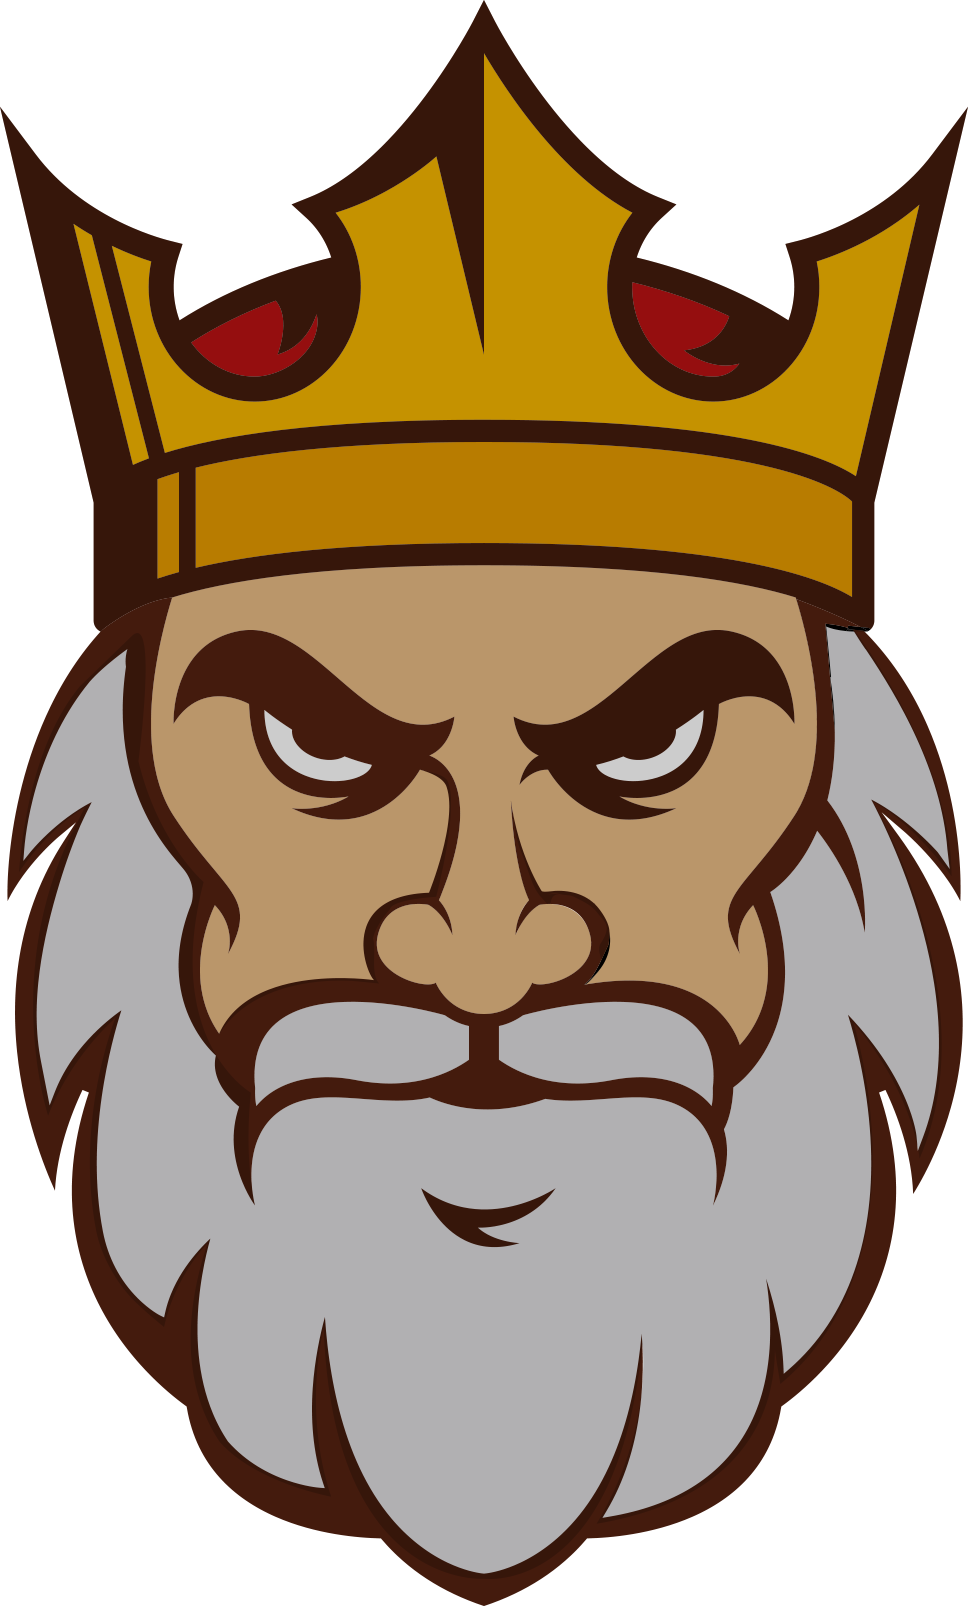 King Face Clipart Png , Transparent Cartoon.